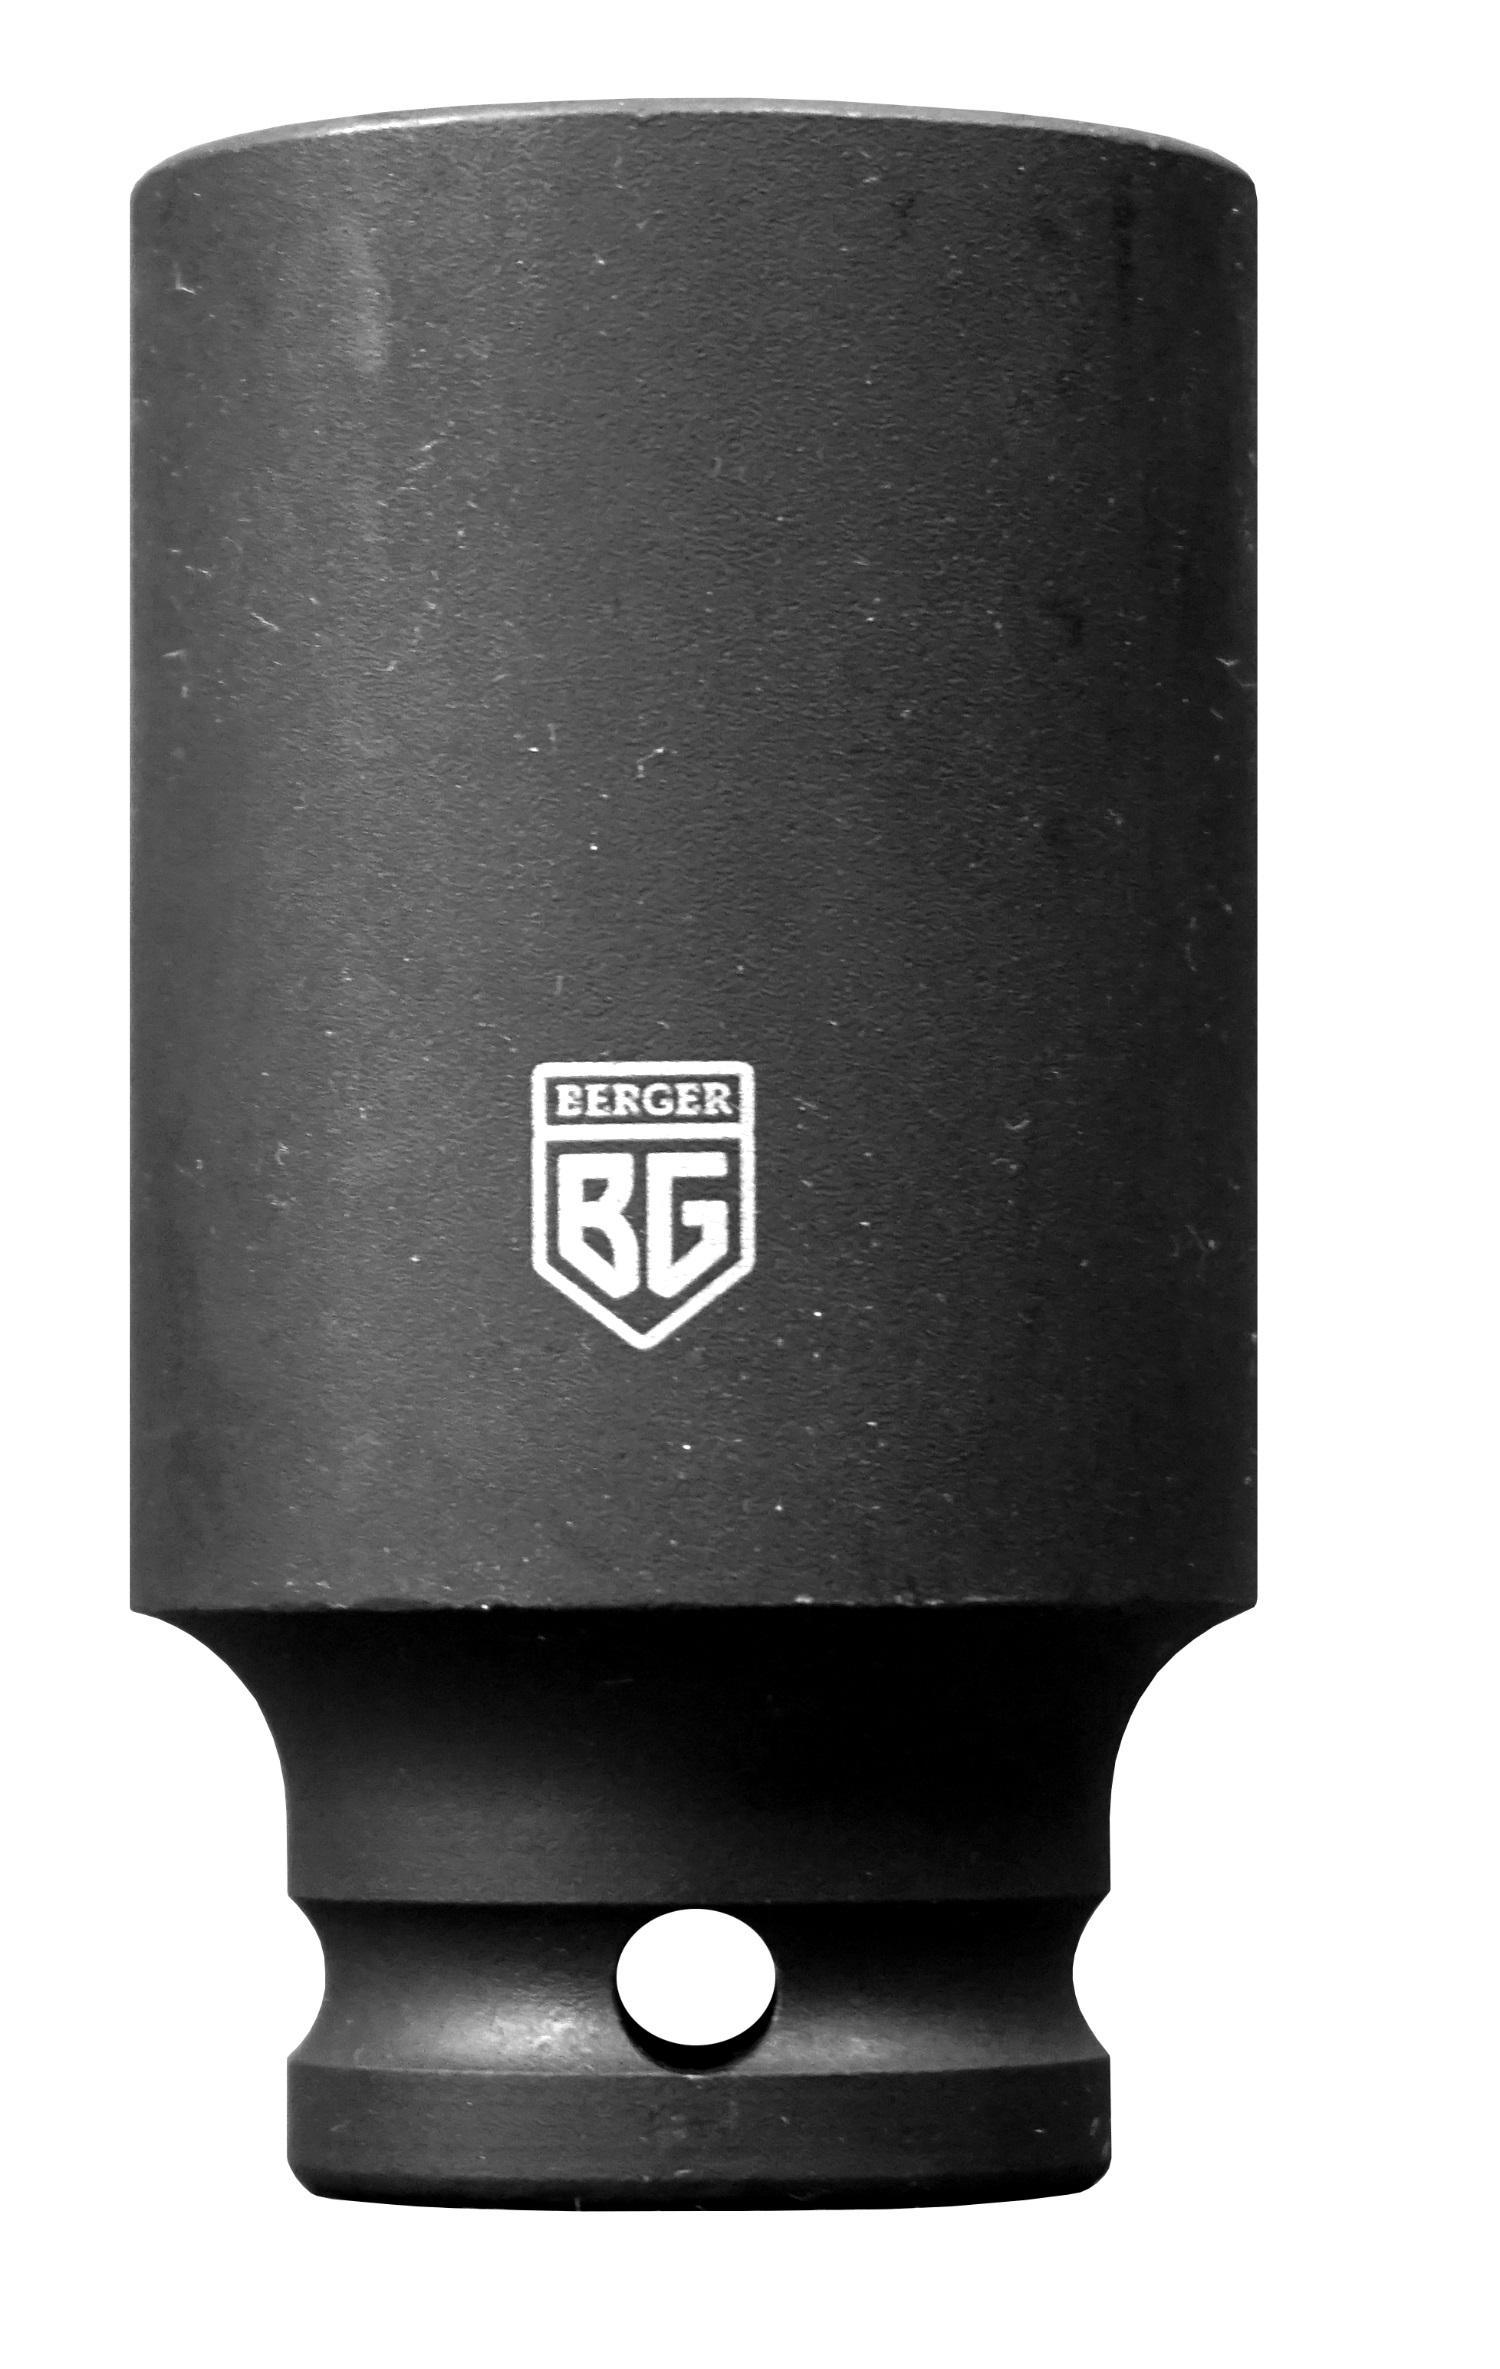 Головка торцевая Berger размер 11мм, h 75мм, s 1/2'' (bg2133)